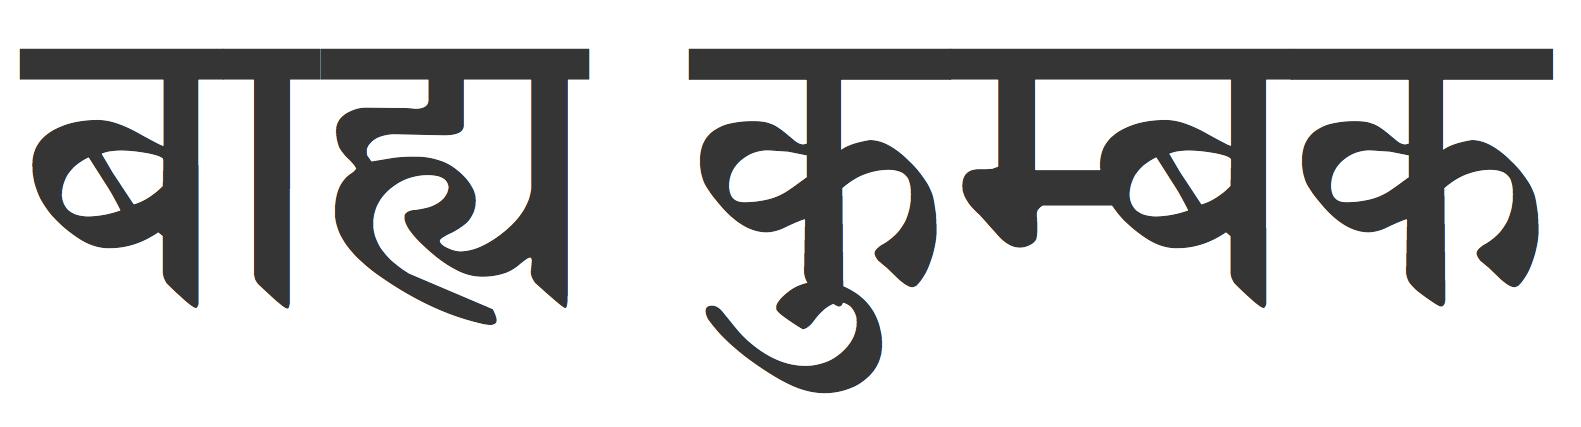 bahya kumbhaka